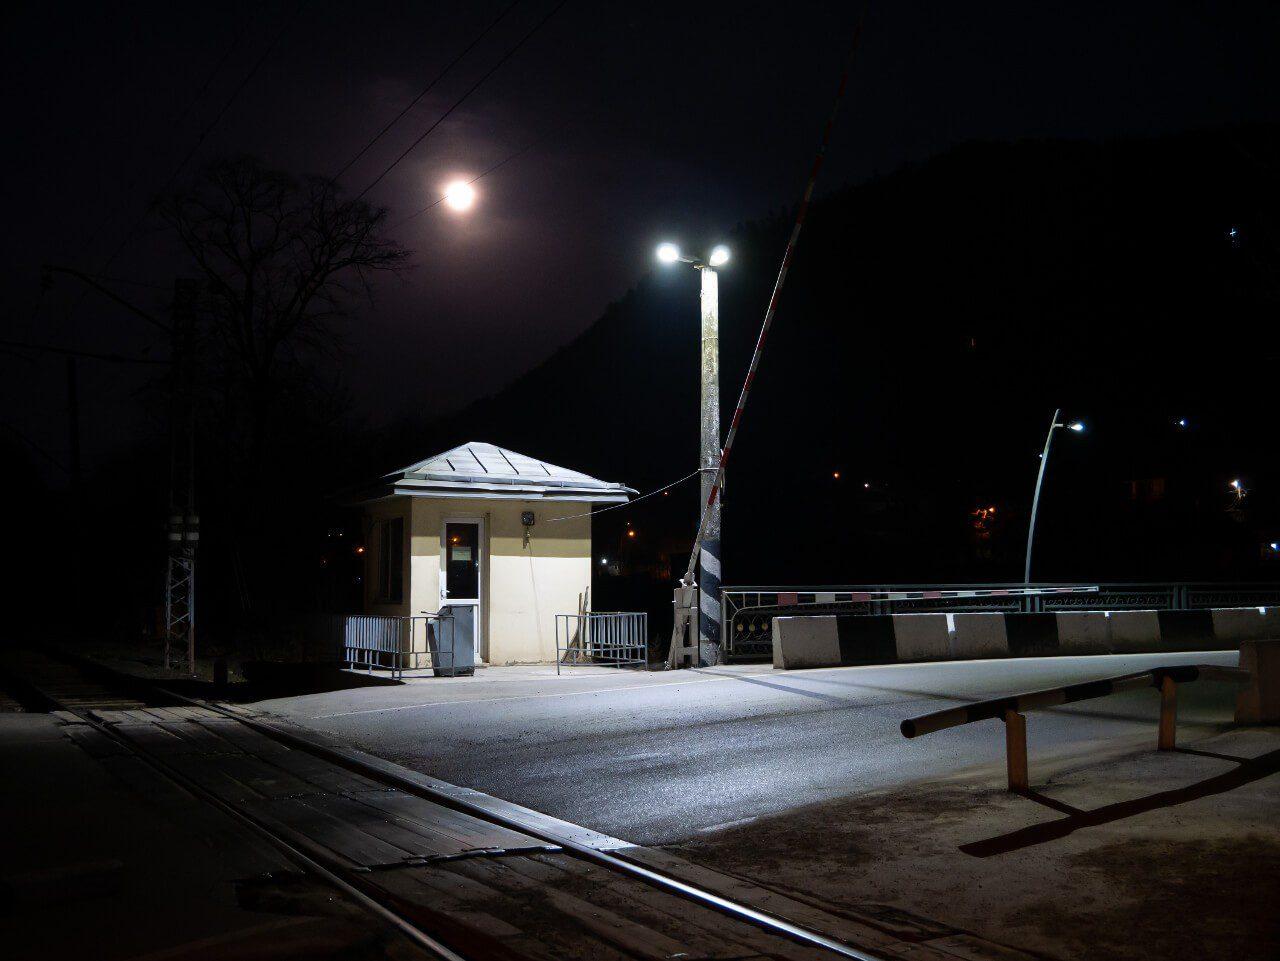 Przejazd kolejowy w Borjomi